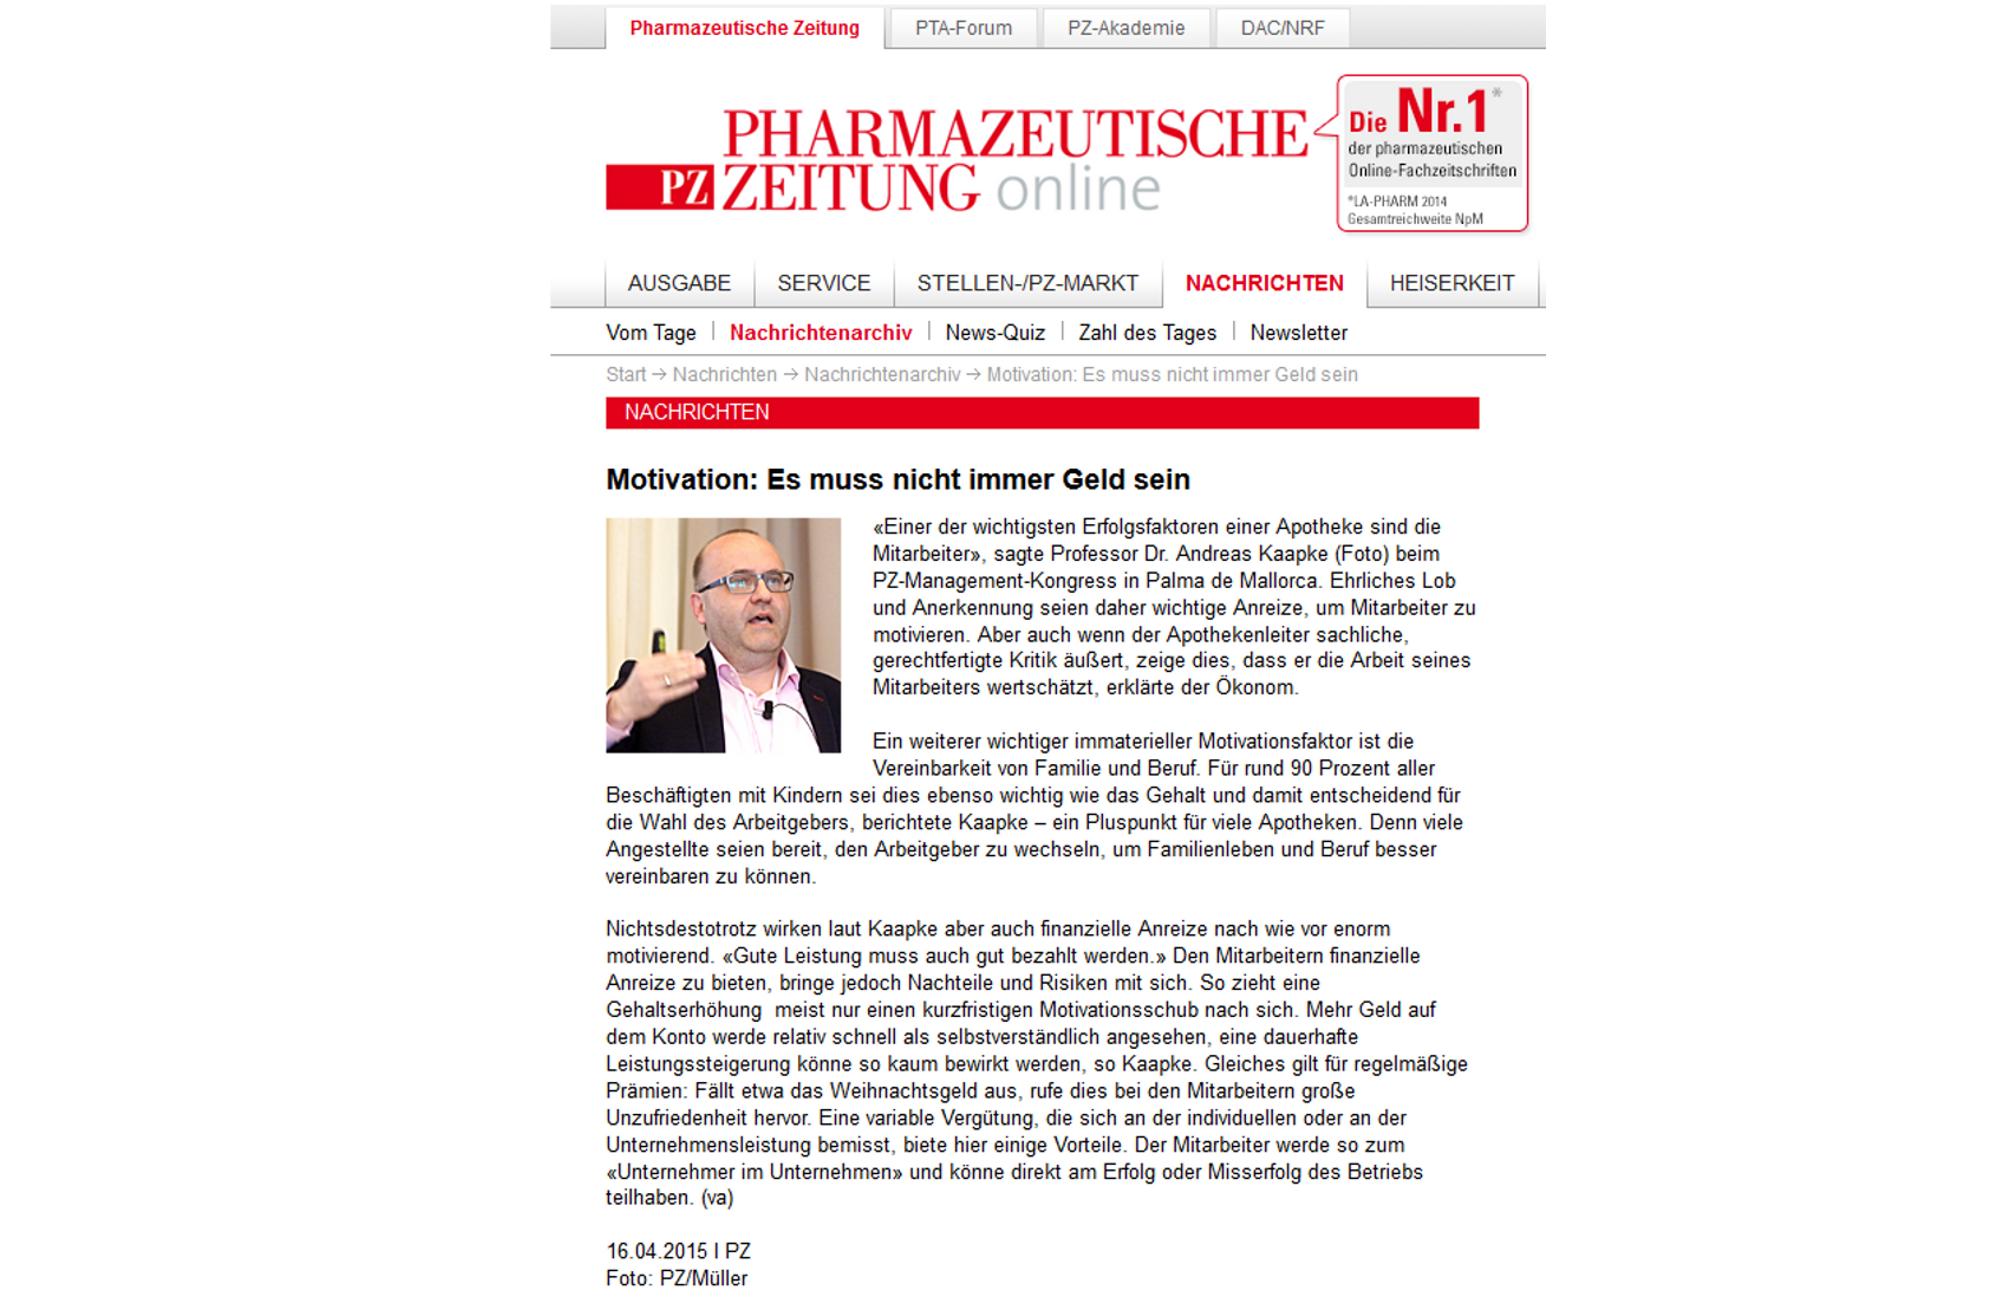 PZ Managementkongress_Berichterstattung_Pharmazeutische Zeitung_Es_muss_nicht_immer_Geld_sein